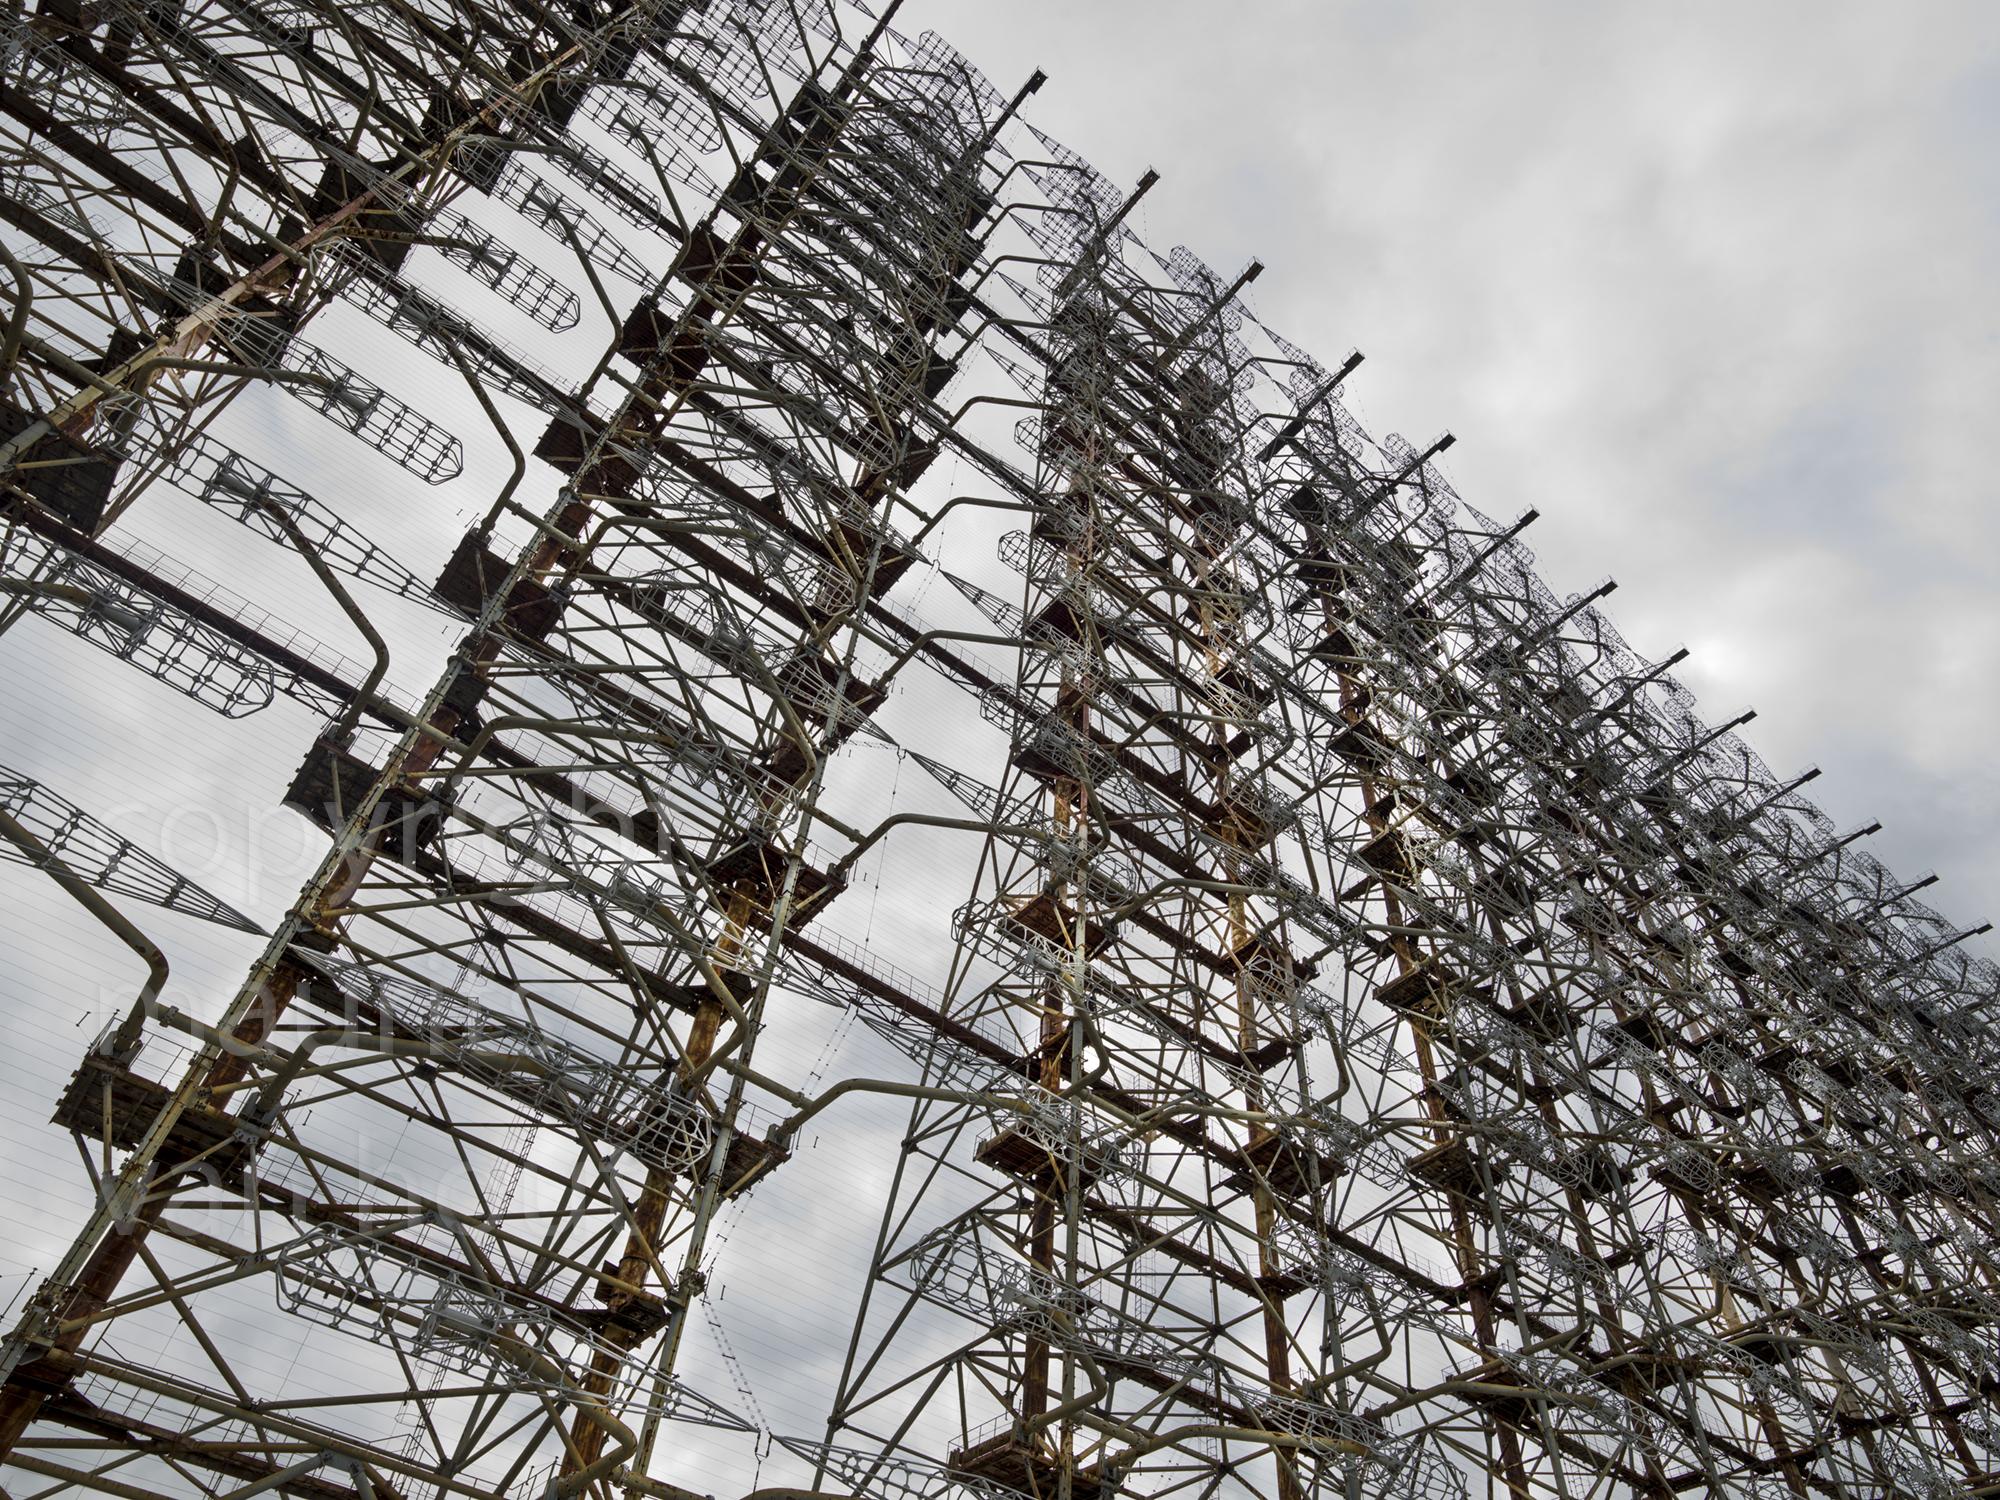 De Duga, een gigantische installatie gebouw tijdens de Koude Oorlog opgesteld in Tjernobyl2